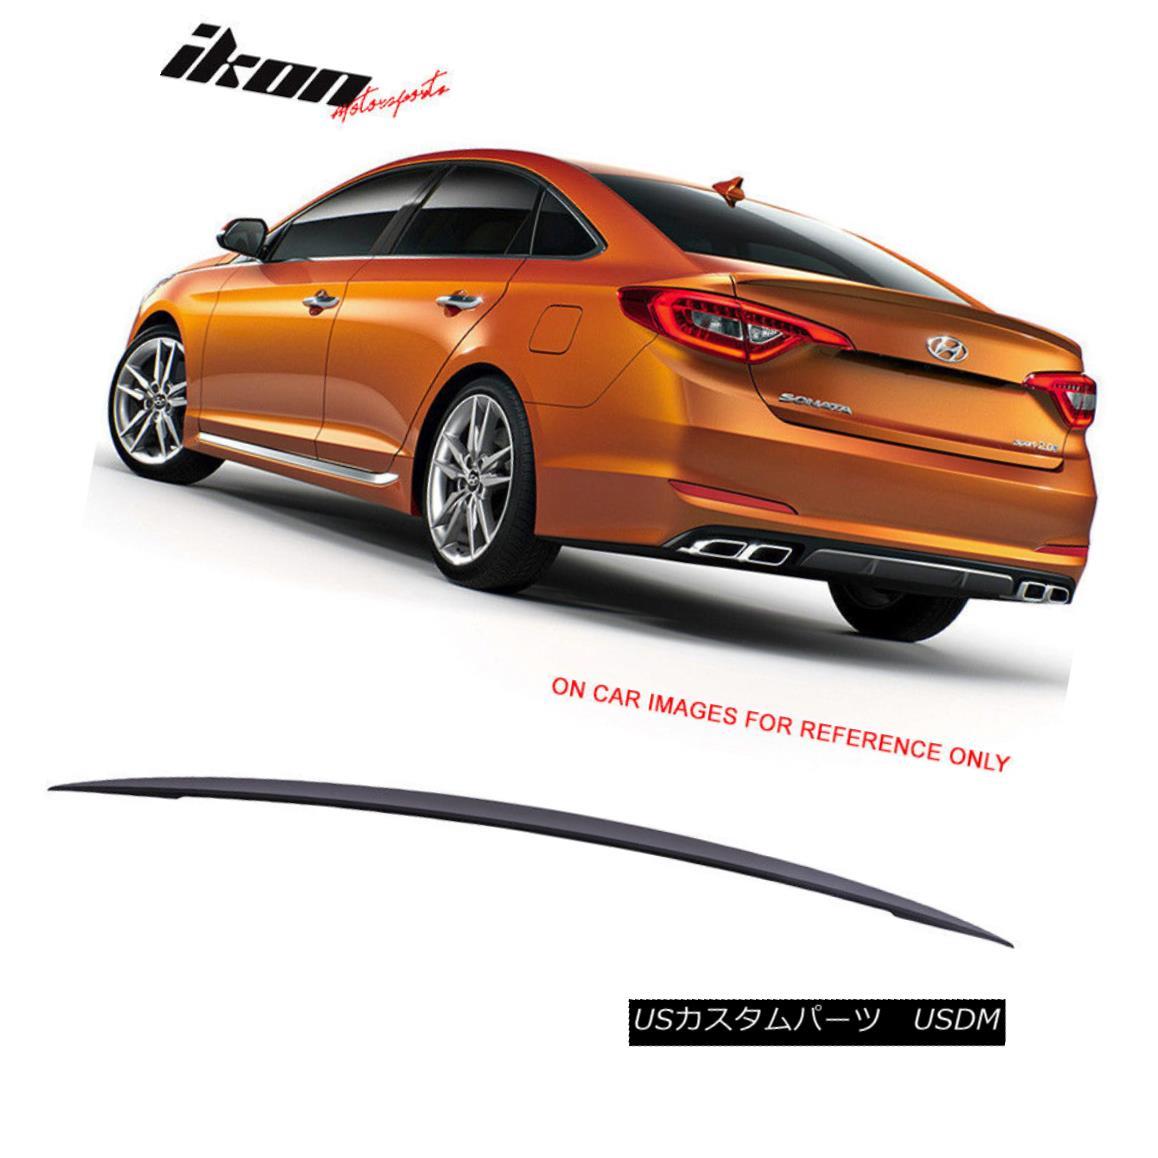 エアロパーツ Fits 15-16 Hyundai Sonata LF Factory Style ABS Unpainted Trunk Spoiler Wing フィット15-16 Hyundai Sonata LF工場スタイルABS無塗装トランク・スポイラー・ウィング